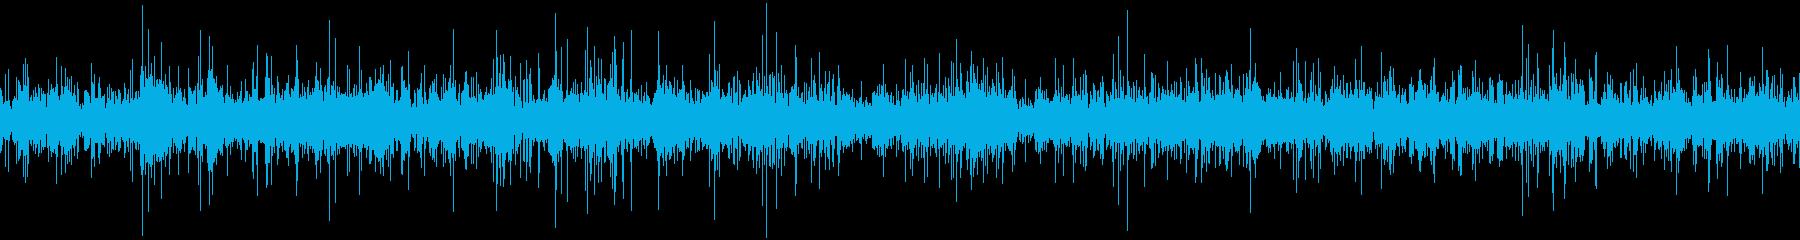 「カラカラ…」風にそよぐ3の再生済みの波形